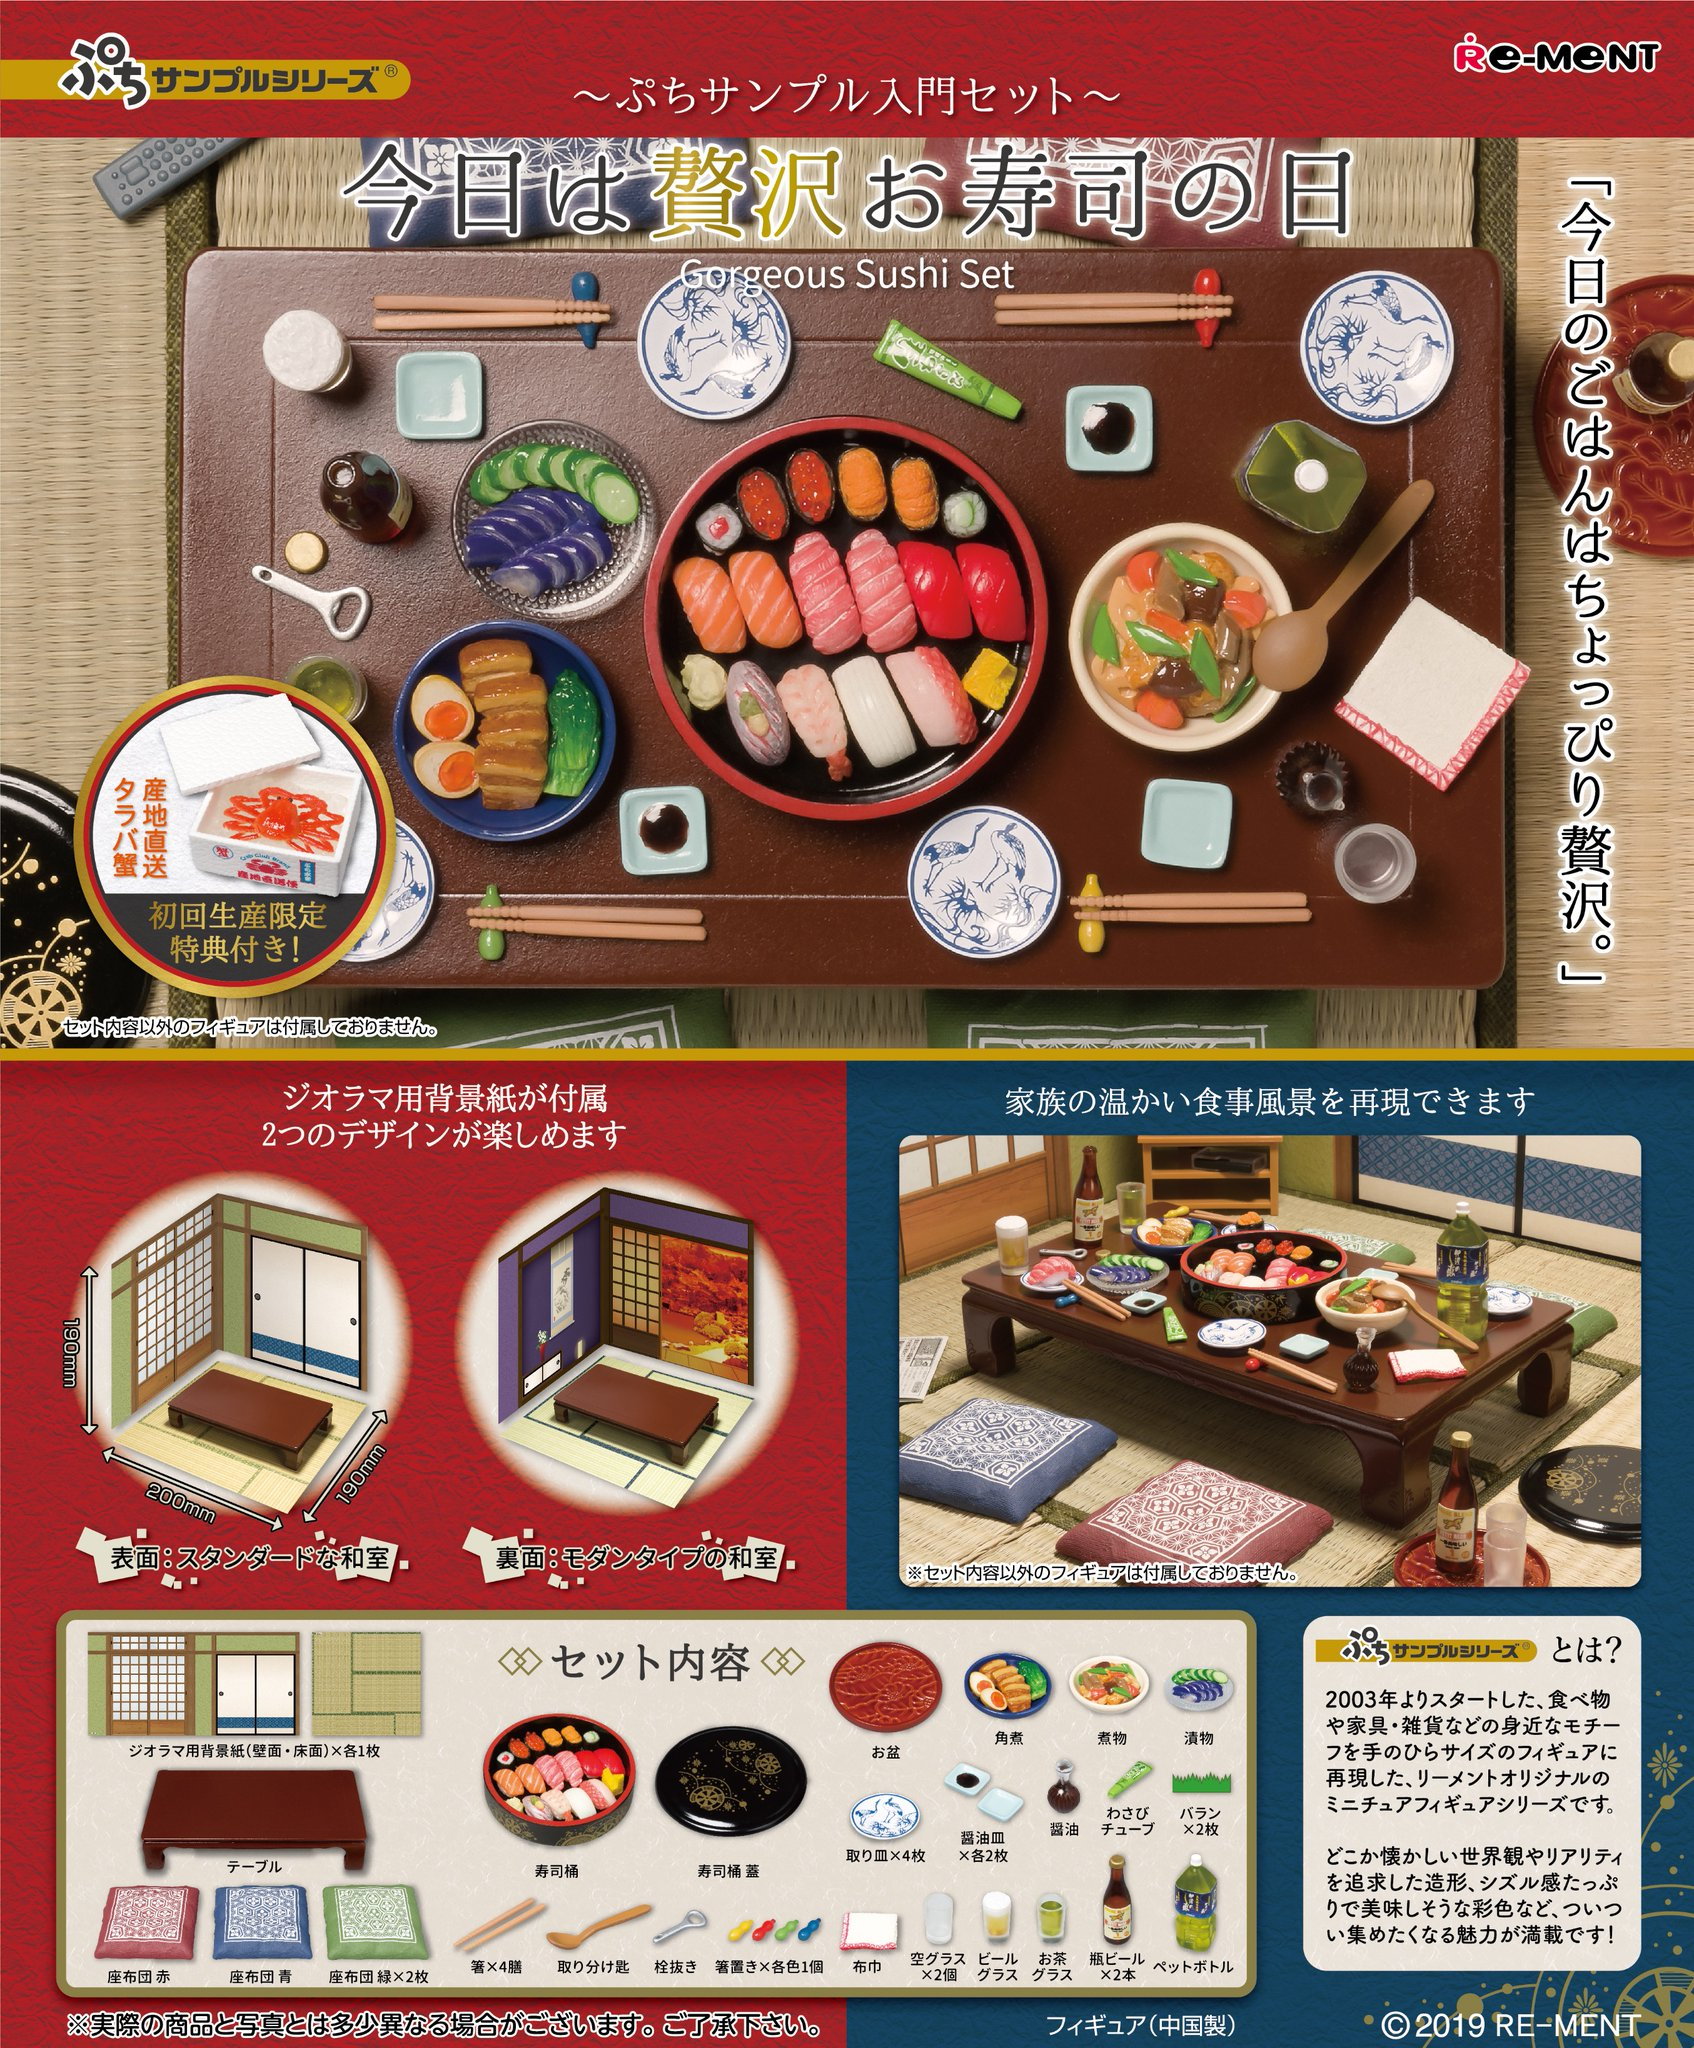 ぷちサンプル『今日は贅沢お寿司の日 ~ぷちサンプル入門セット~』フィギュア-001